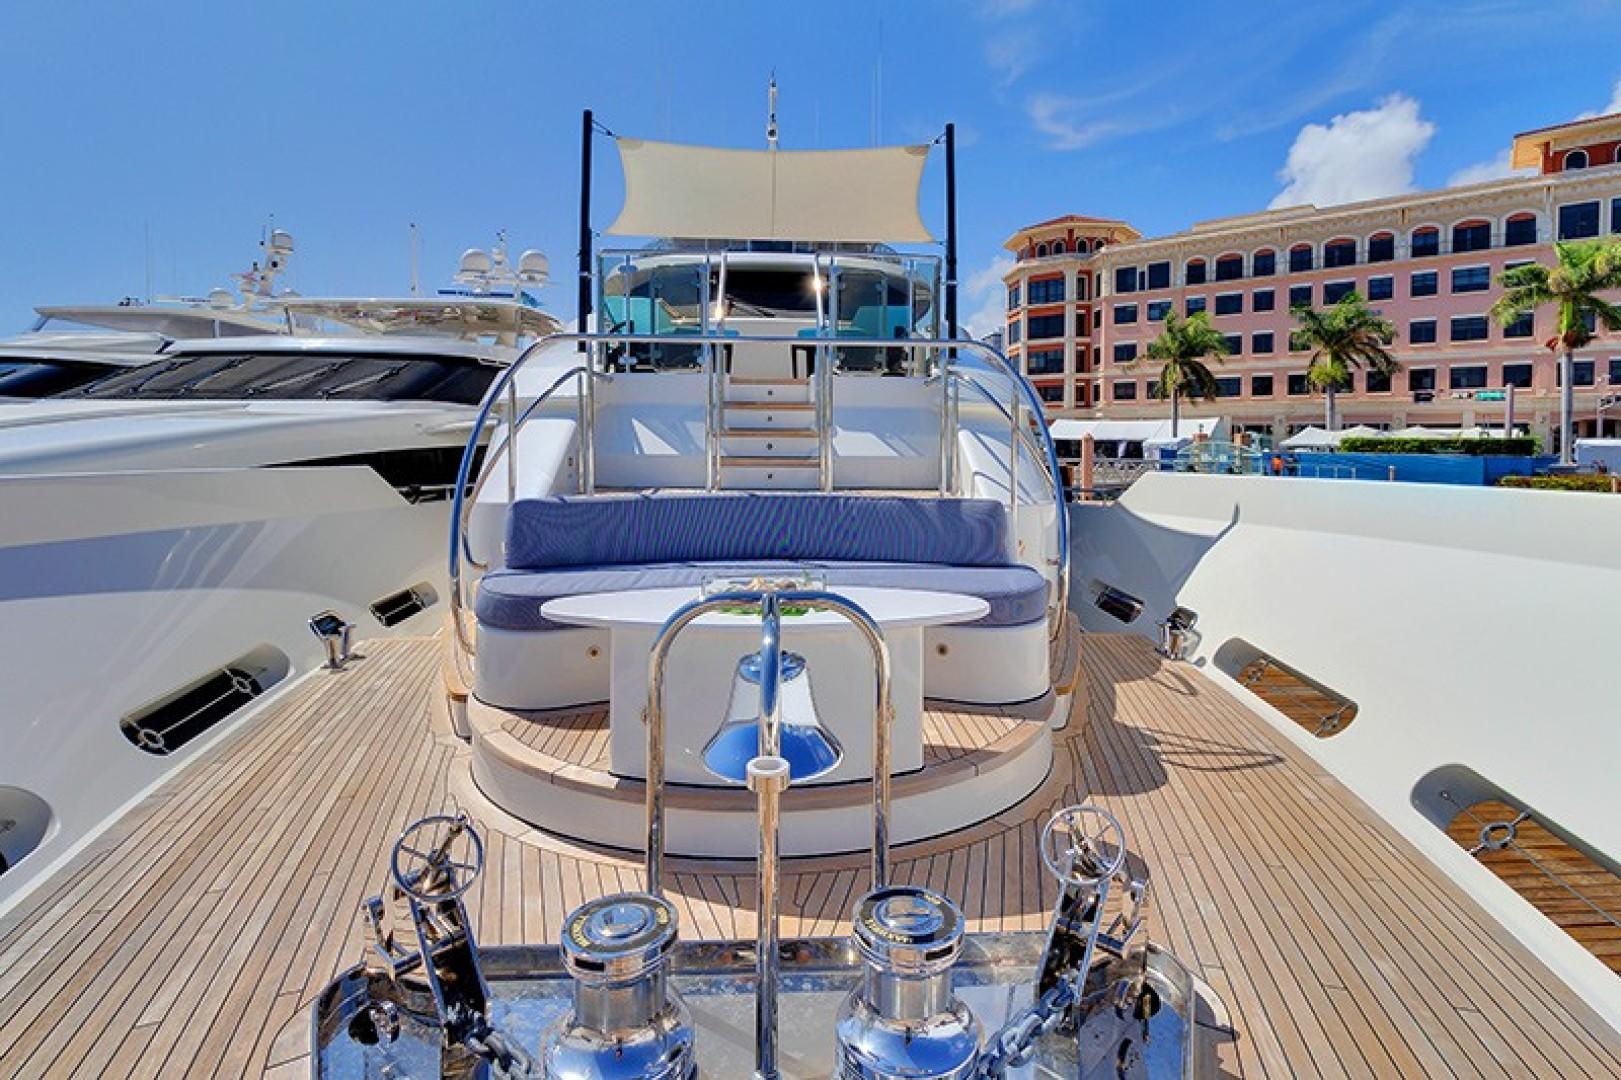 Westport-Westport 40 meter 2011-NINA LU Miami-Florida-United States-1644745 | Thumbnail